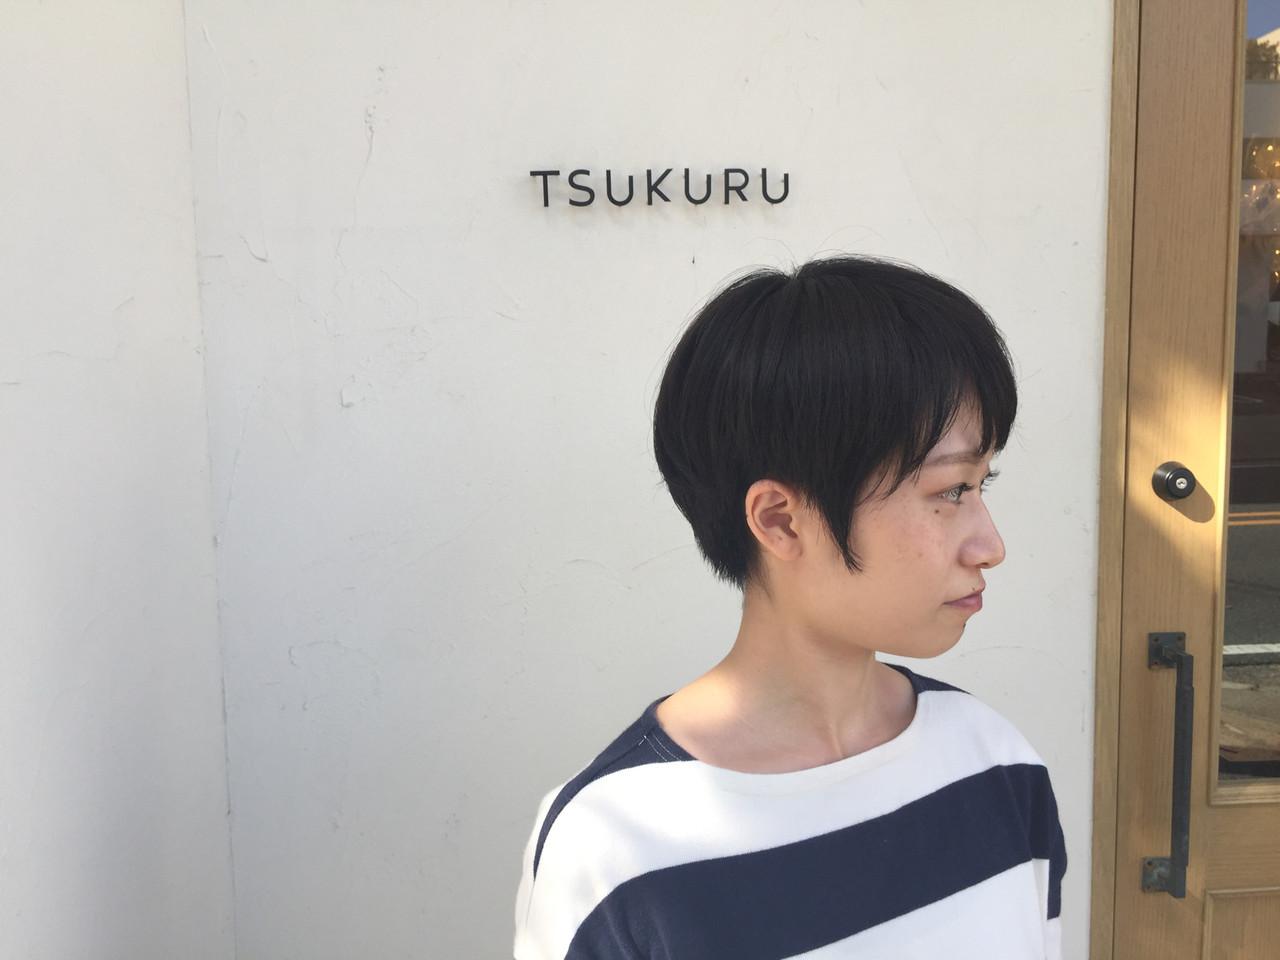 丸みを残したマッシュショート。  ダークグレーのカラーなので、大人の方にもオススメで  す。   http://www.tsukuru215.jp